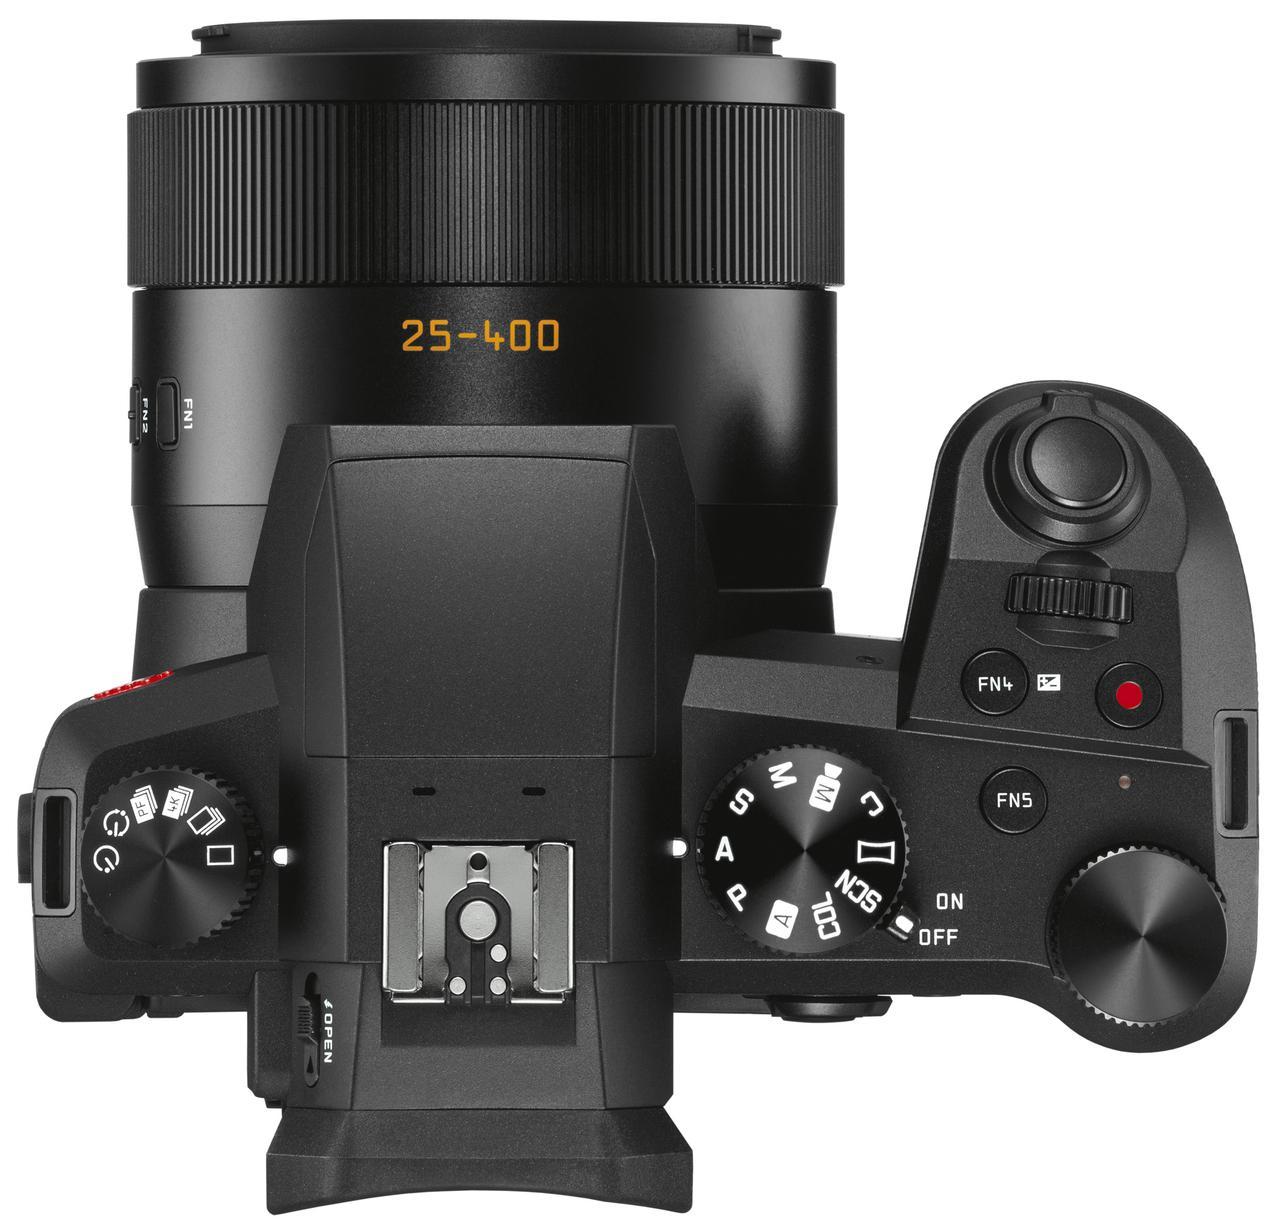 画像4: 光学16倍ズーム搭載のコンパクトデジタルカメラ ライカ V-LUX 5